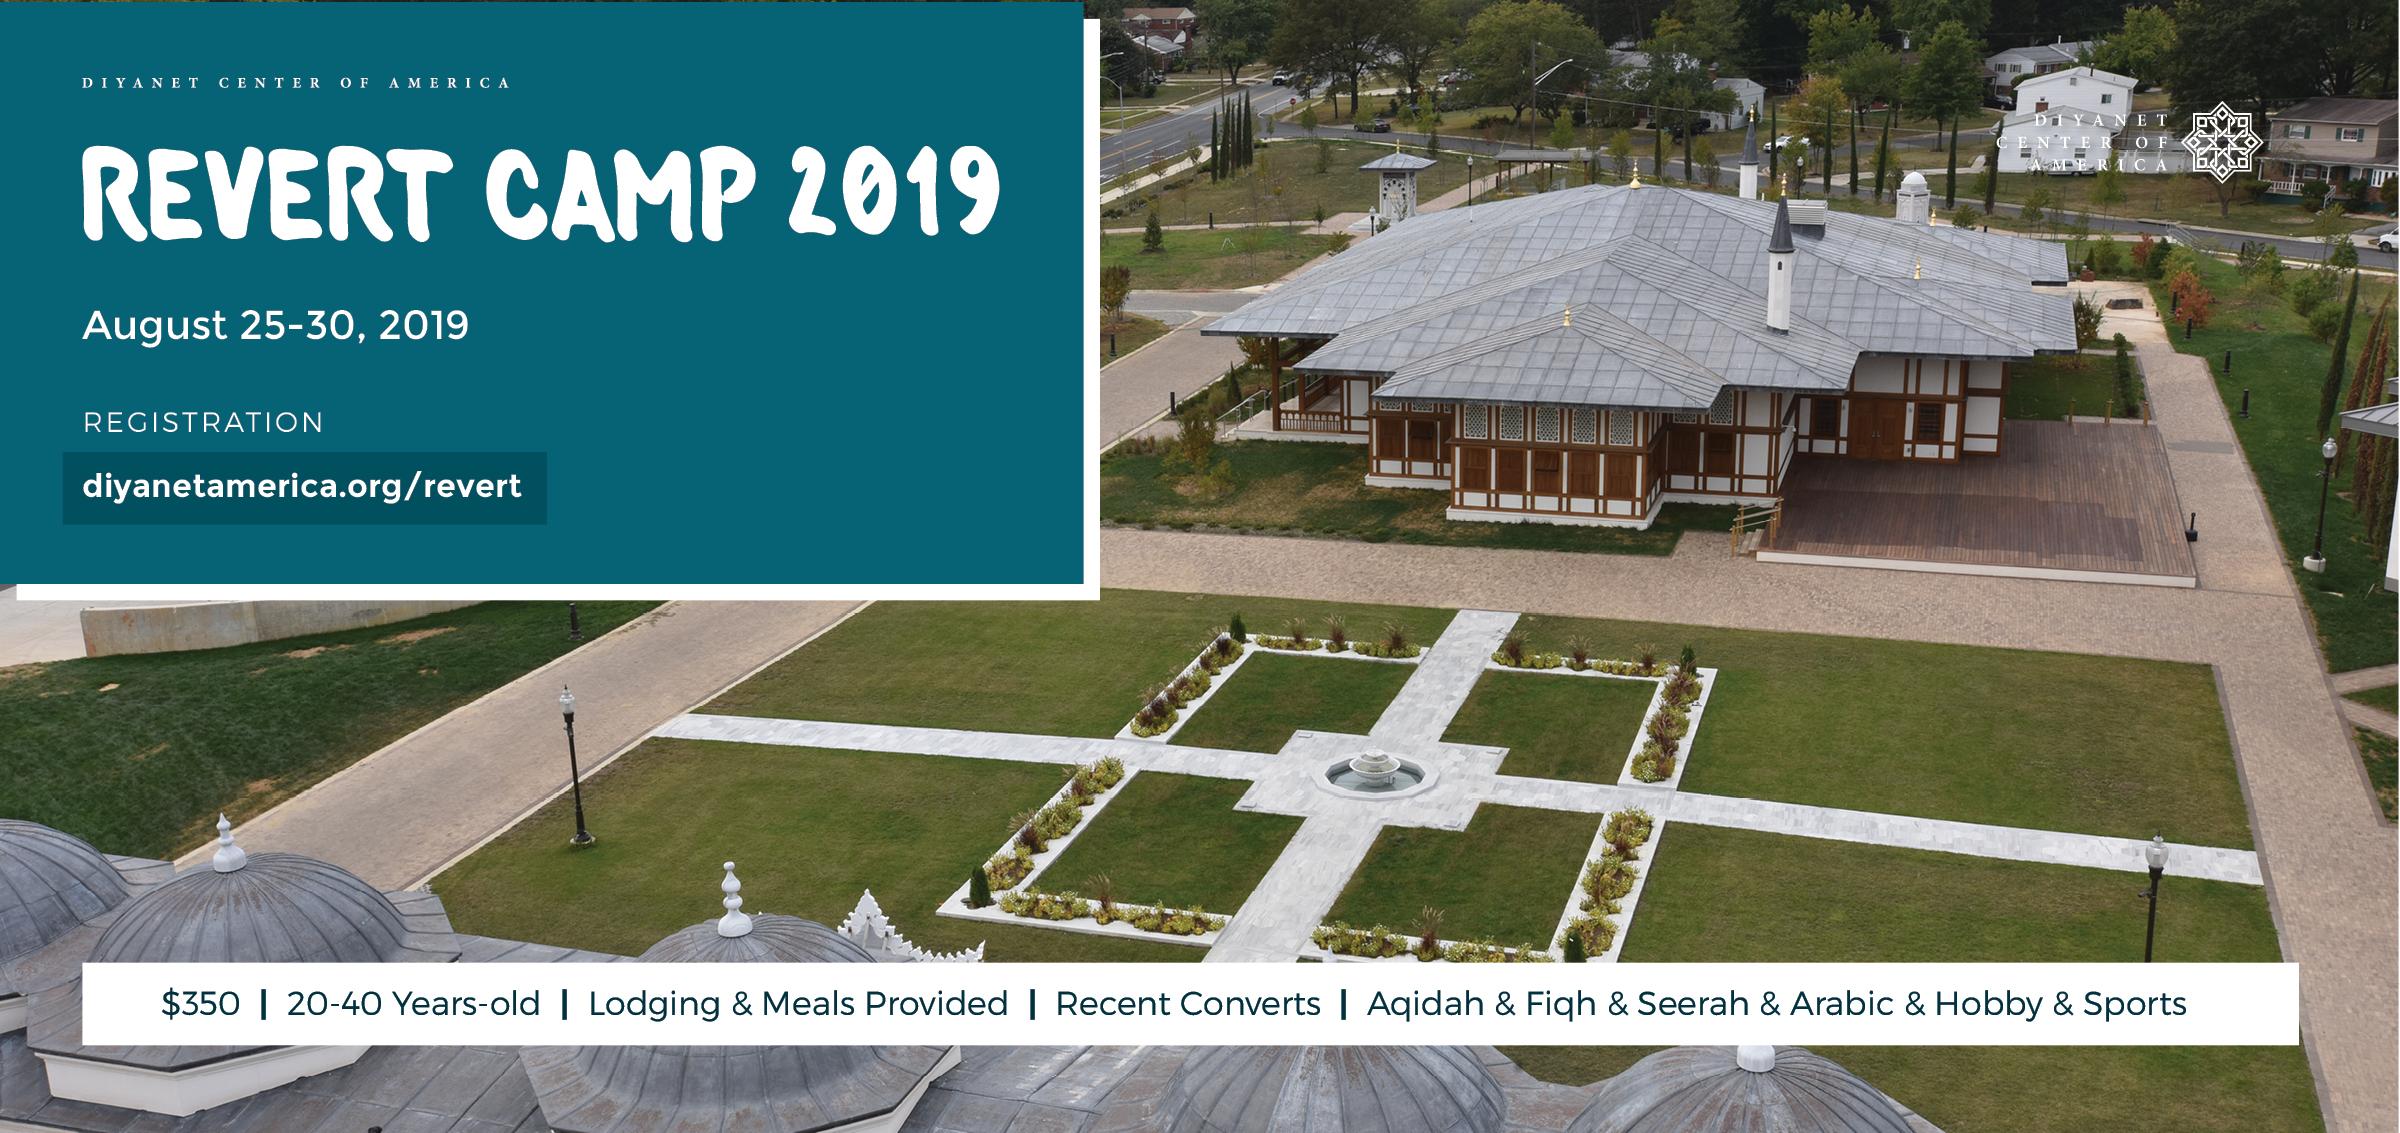 Revert Camp 2019